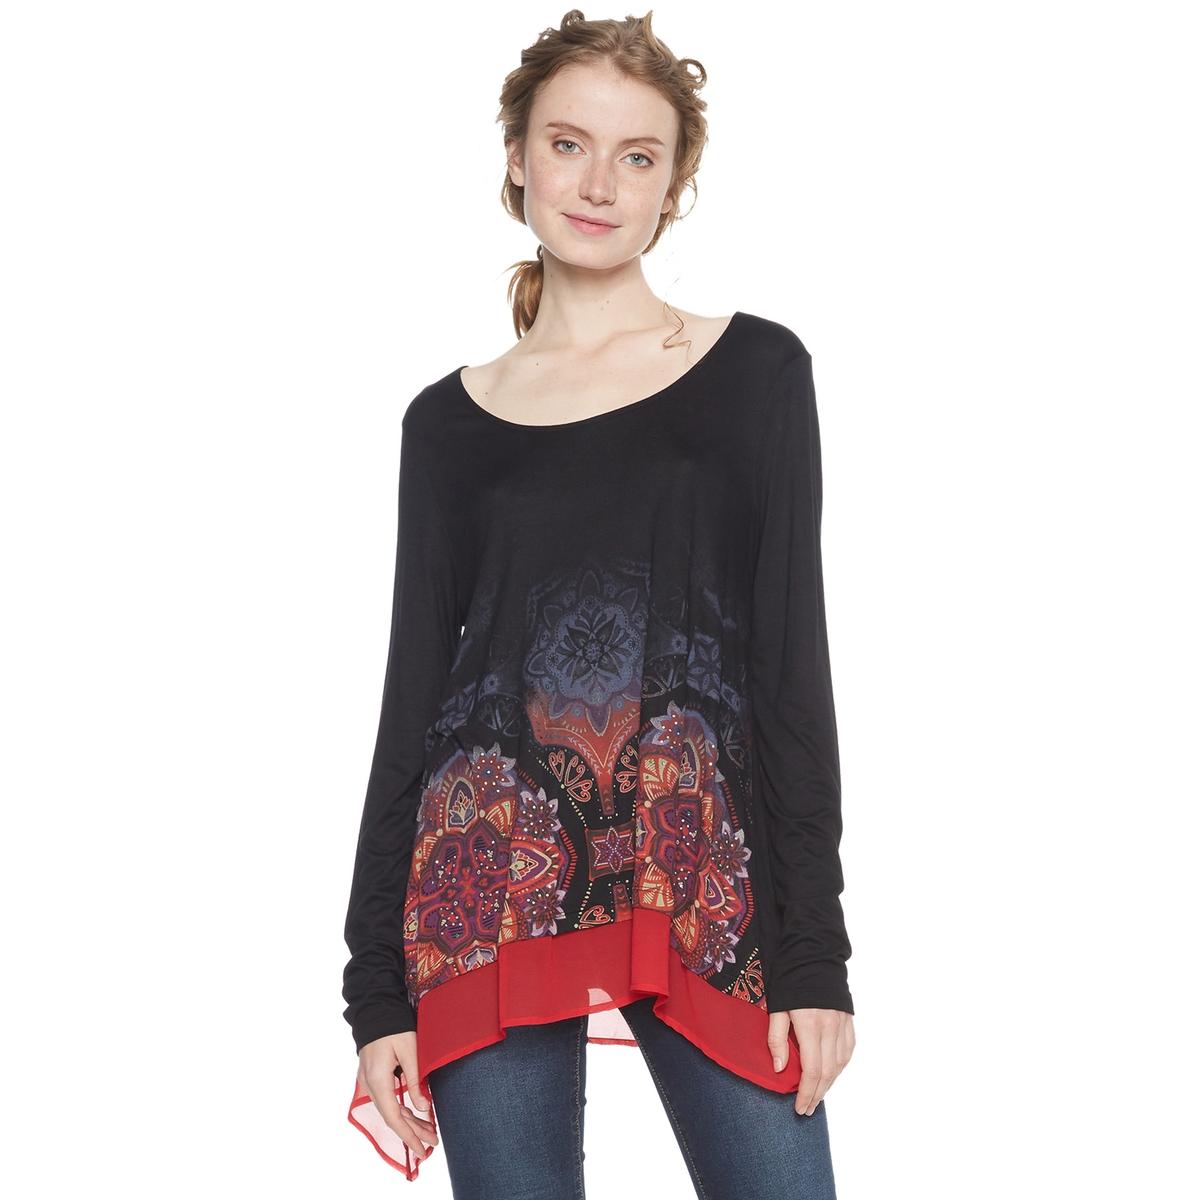 Camiseta estampada de flores, con cuello redondo y